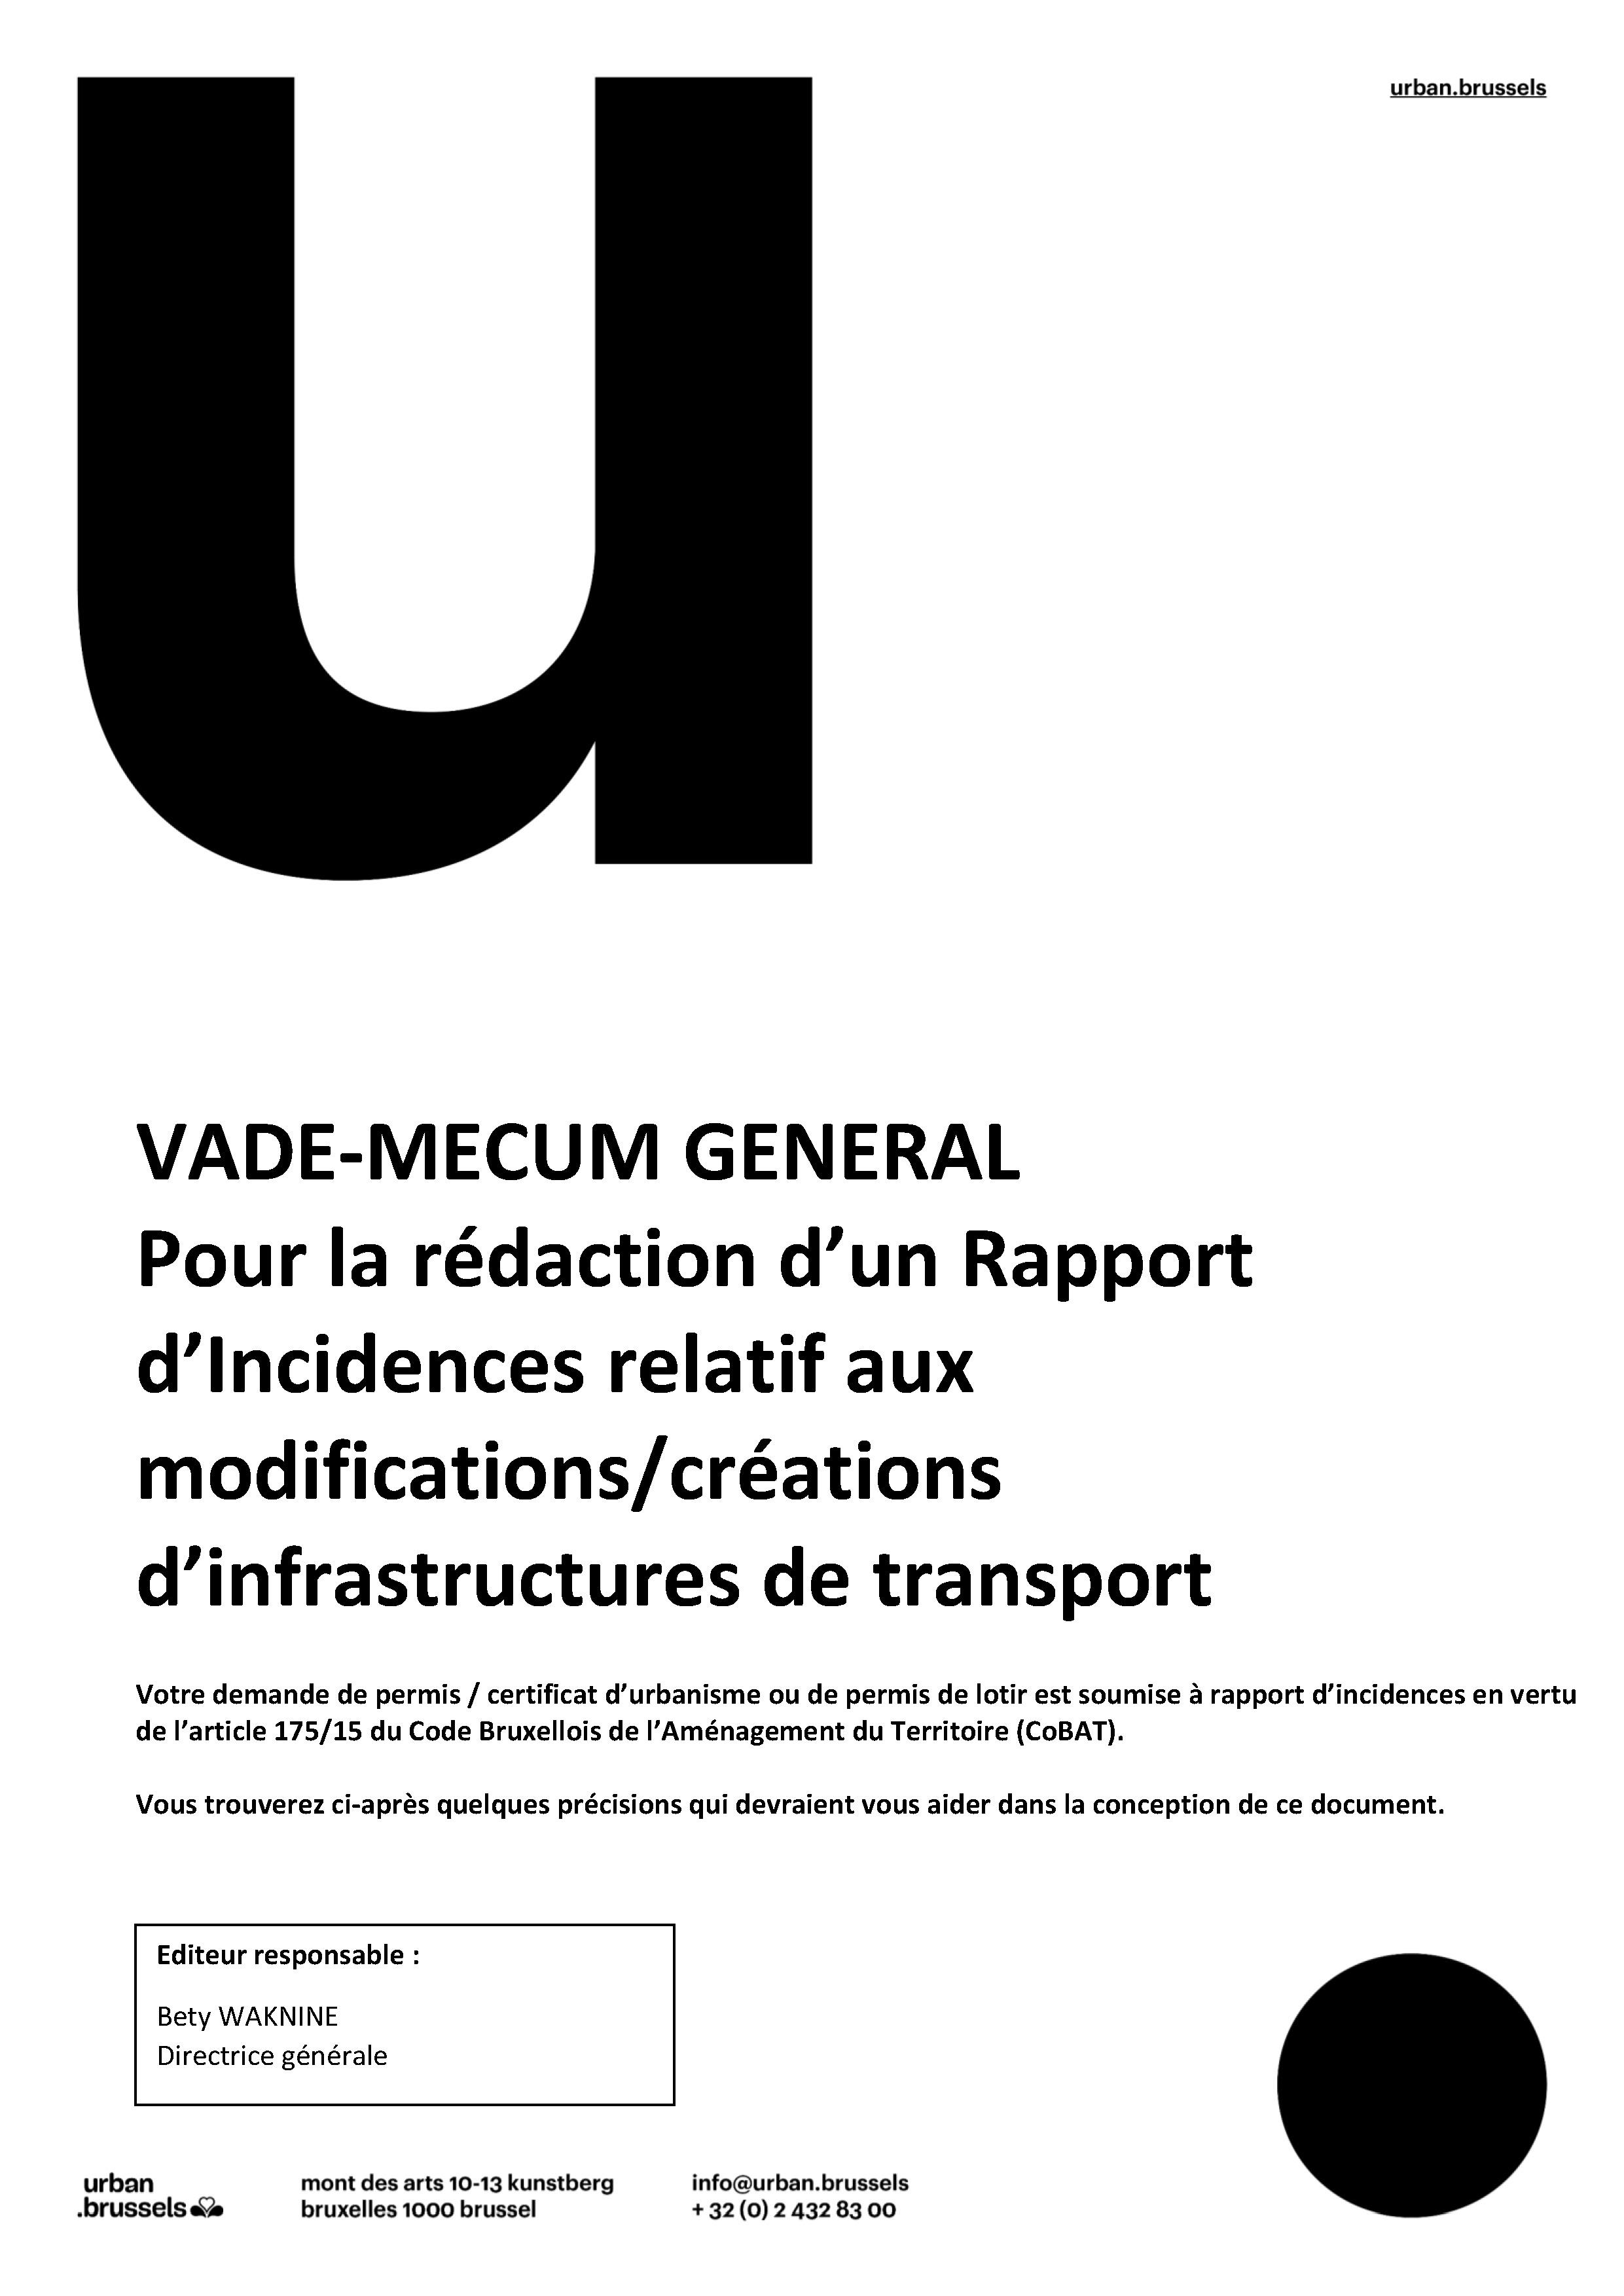 Vade-mecum pour la rédaction d'un rapport d'incidences relatif aux modifications/créations d'infrastructures de transport